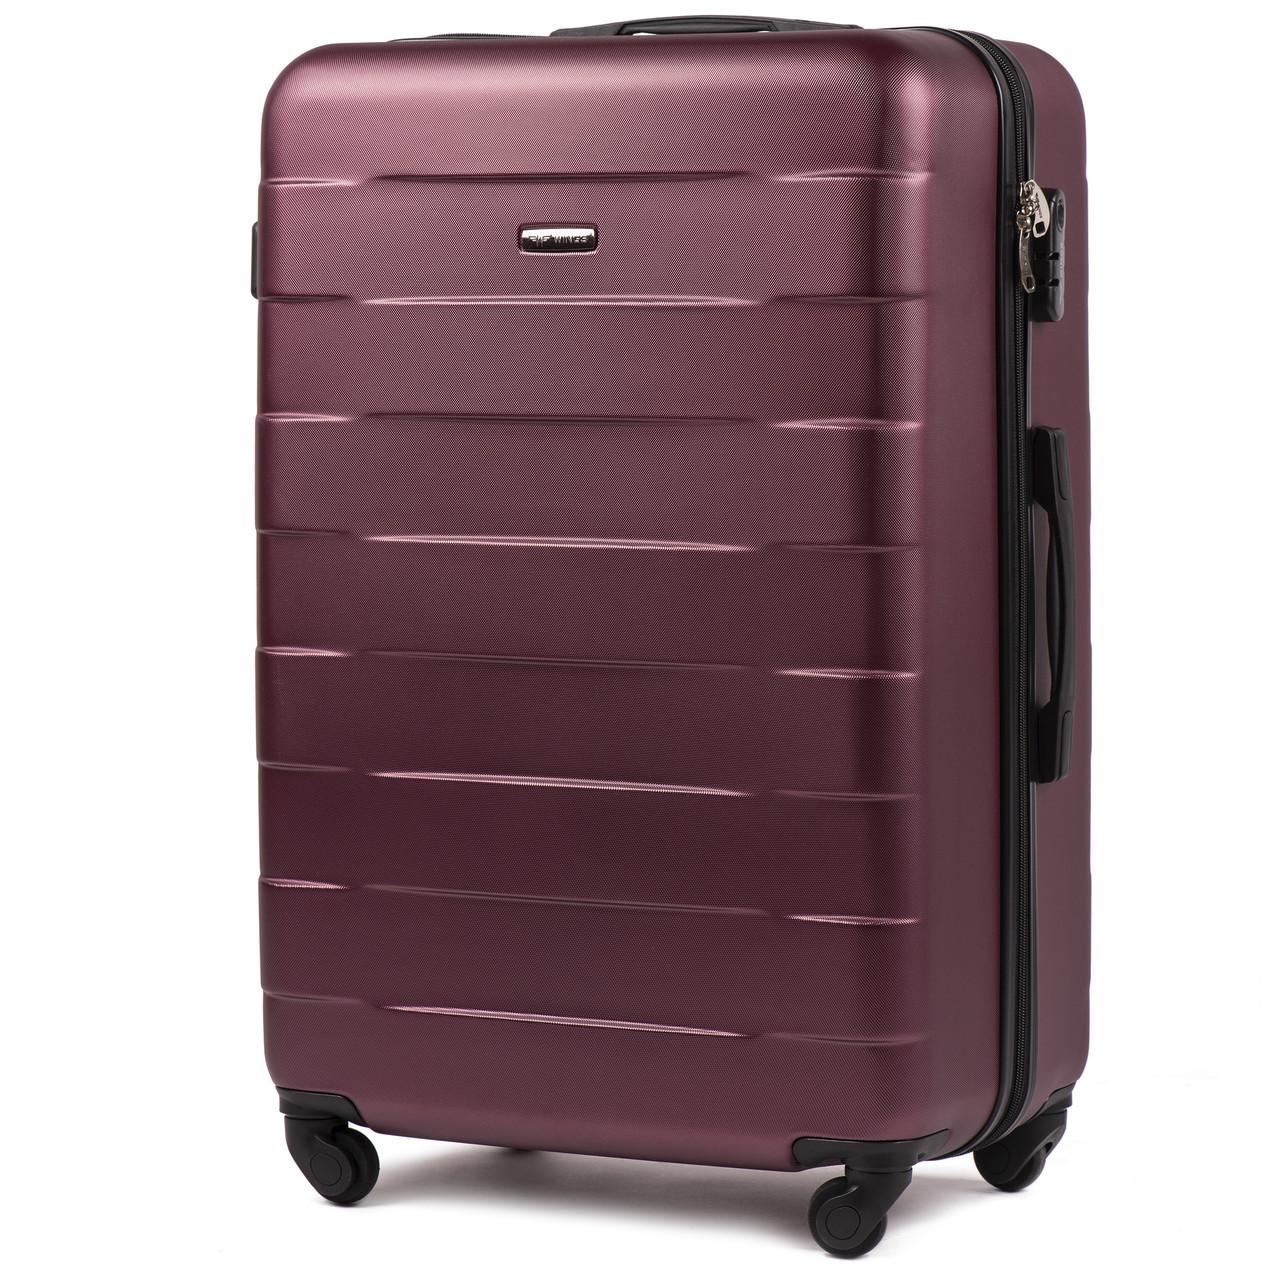 Средний пластиковый чемодан Wings 401 на 4 колесах бордовый, фото 1